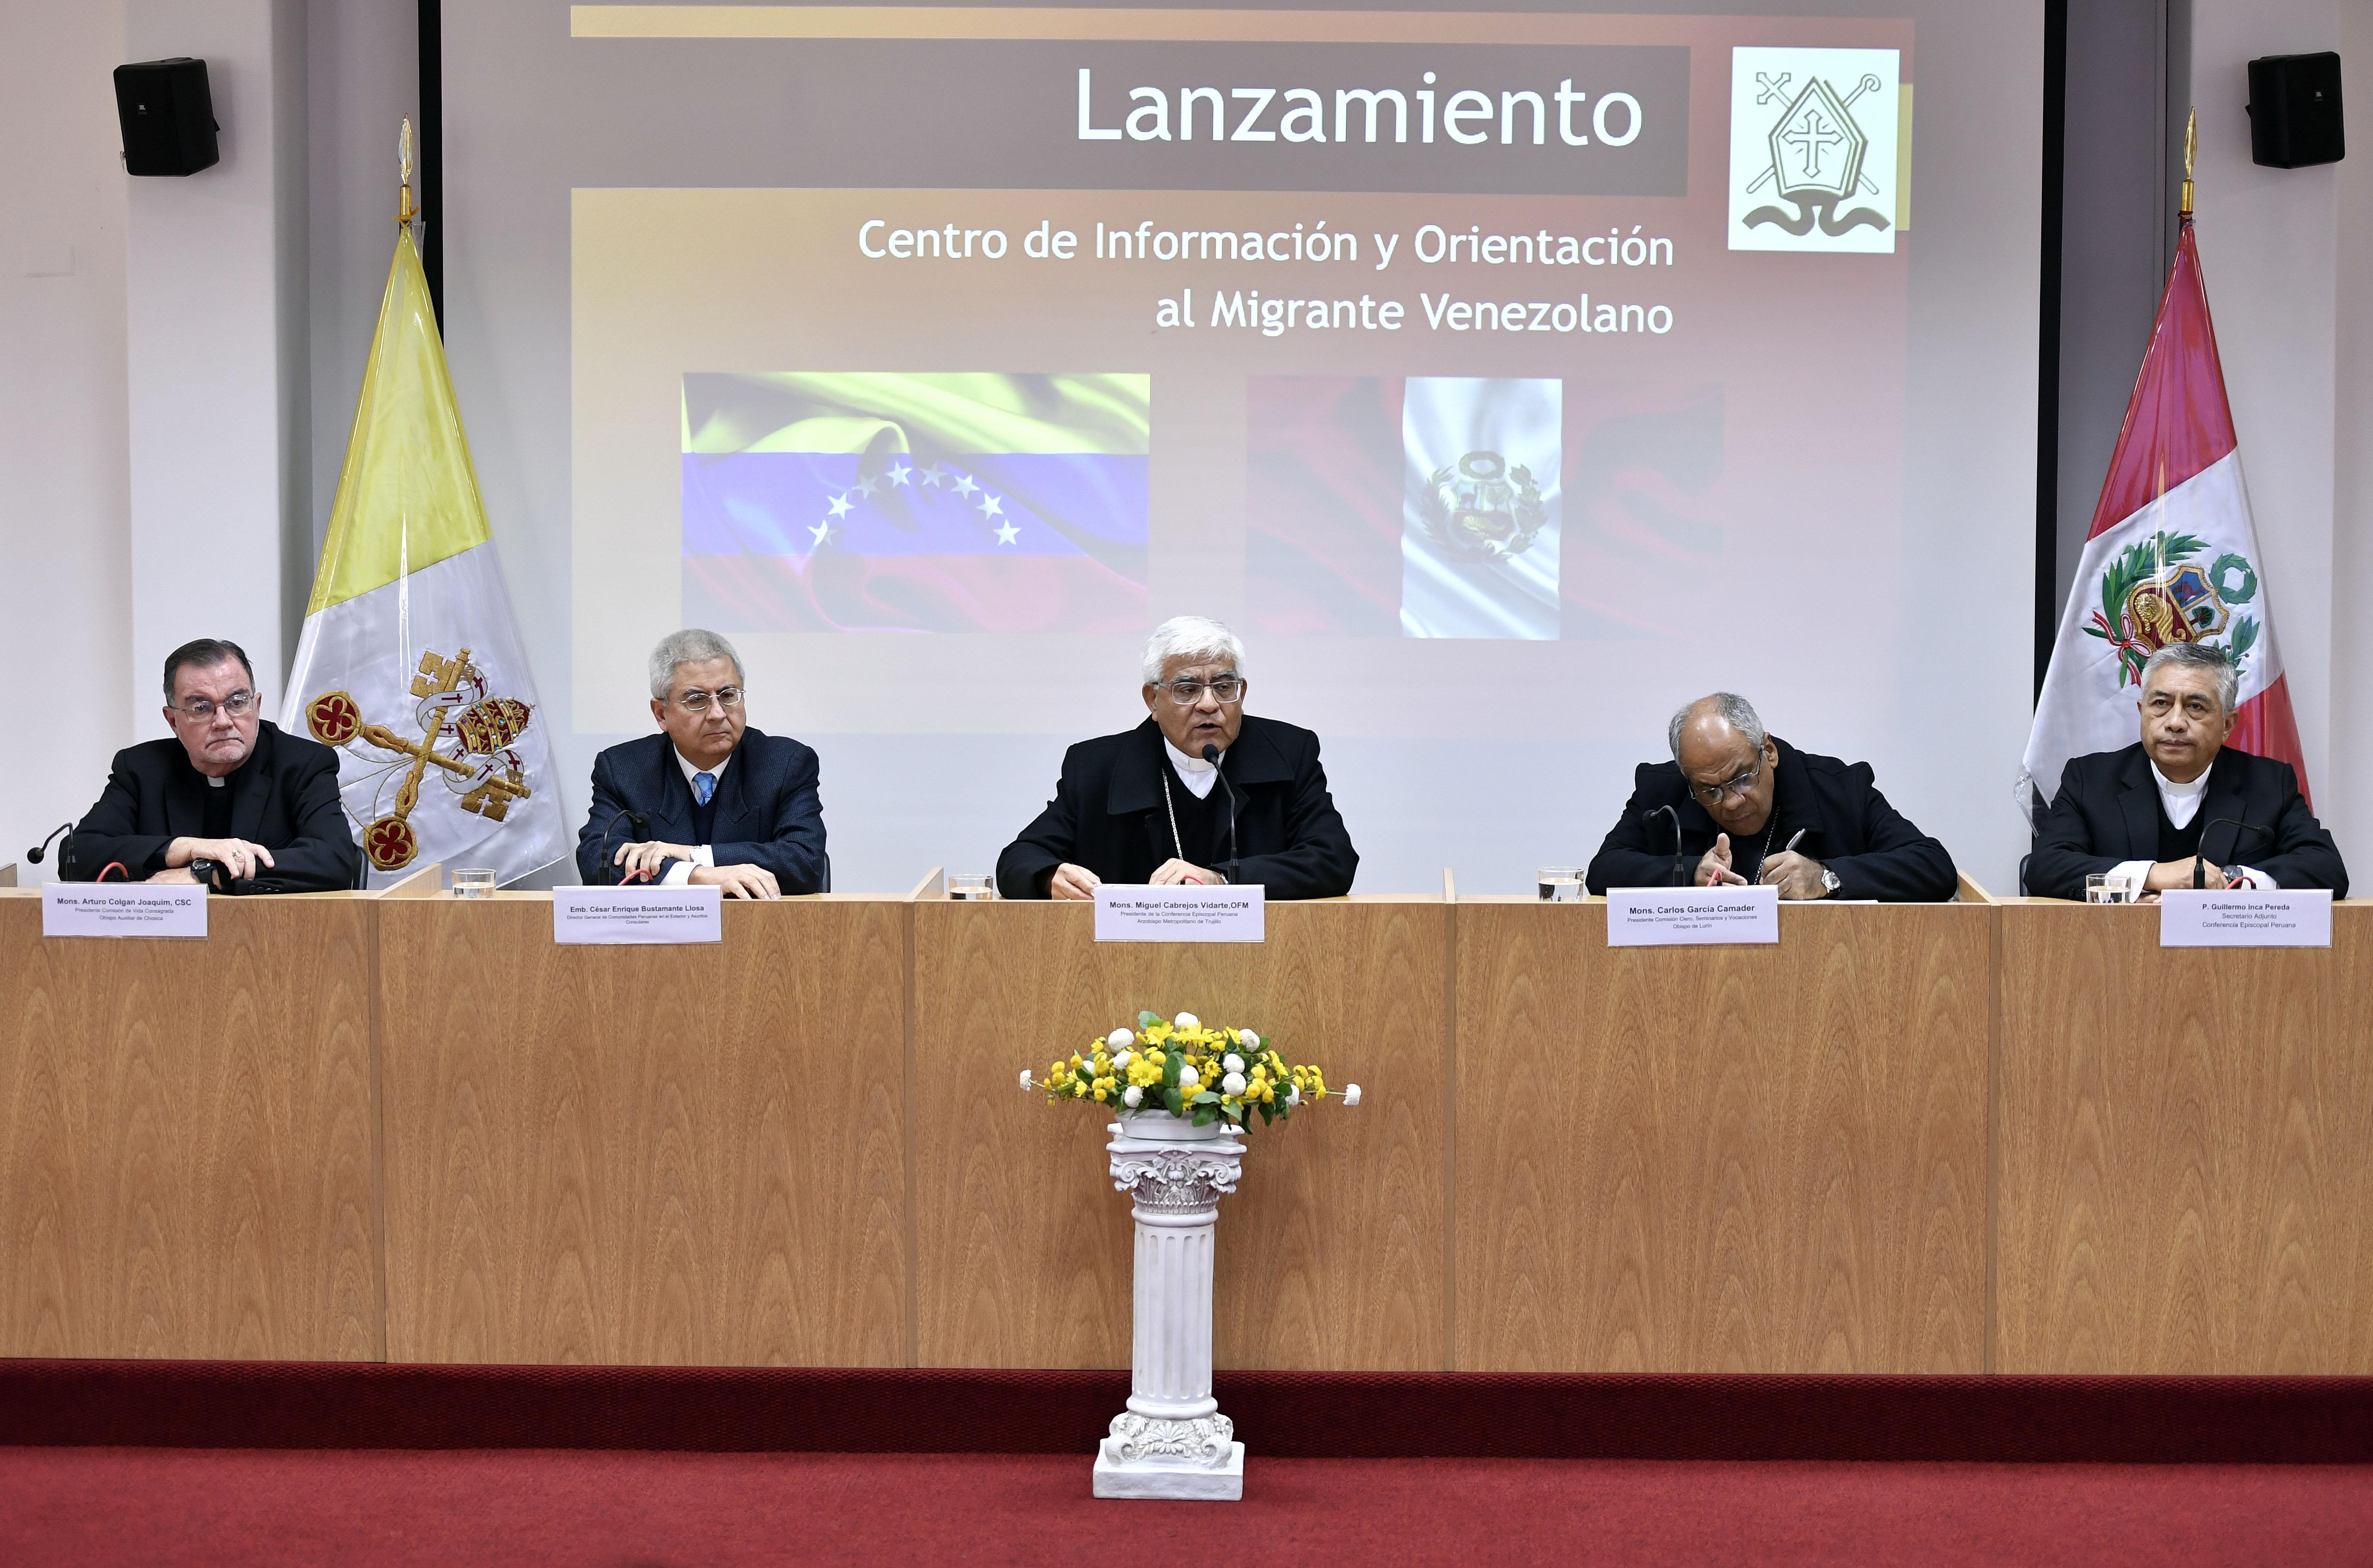 Conferencia Episcopal apertura centro de información y orientación al migrante venezolano